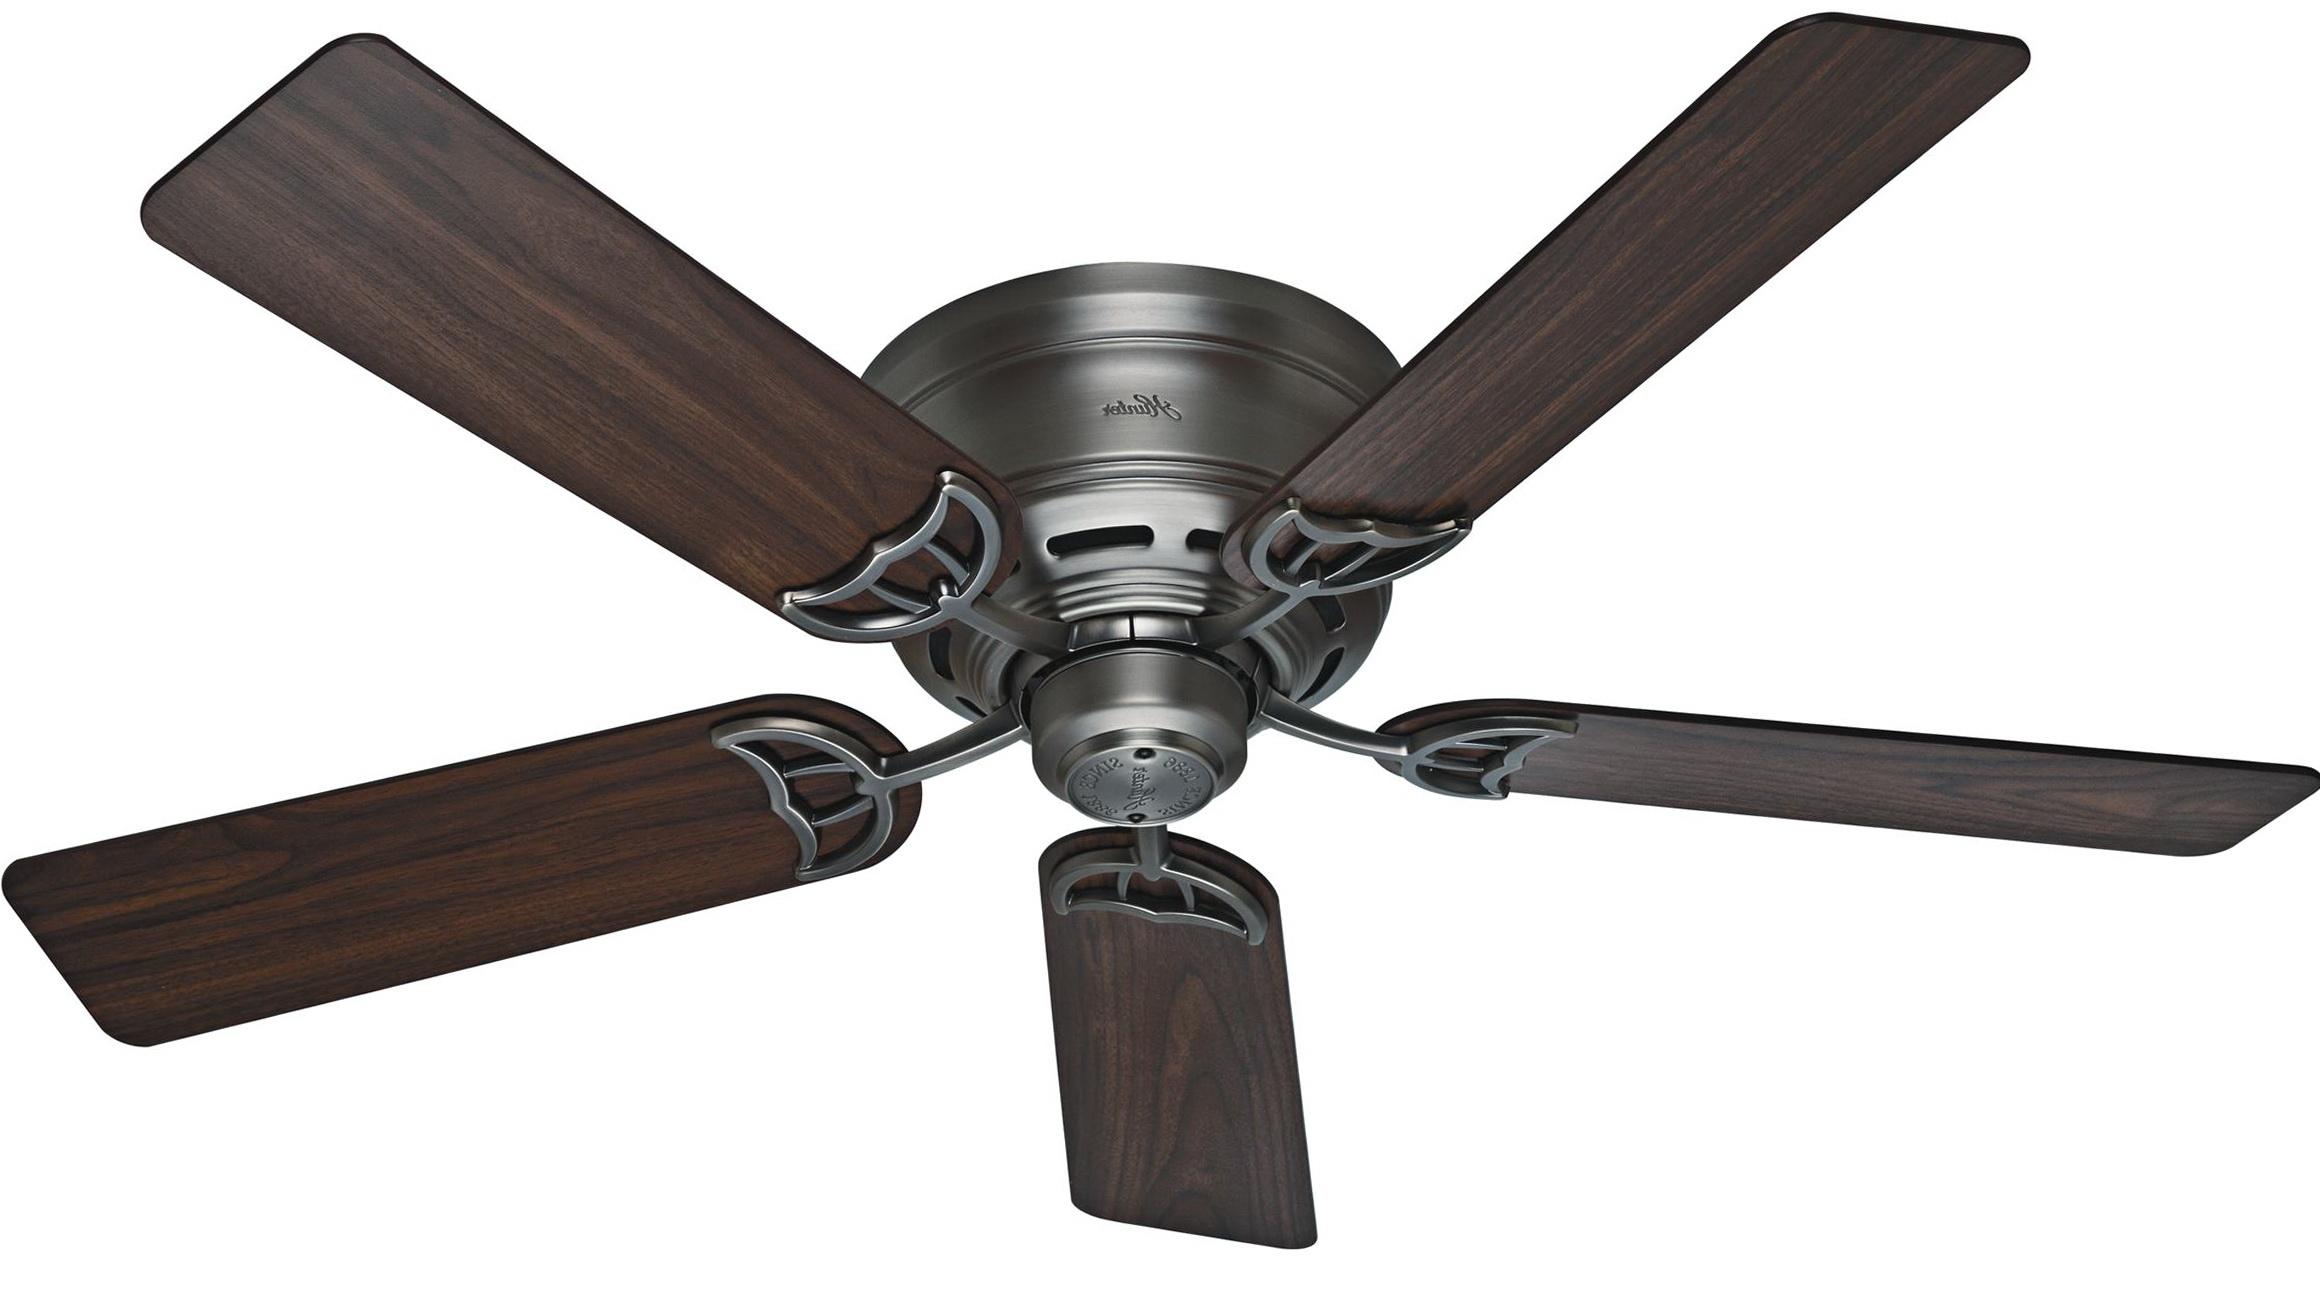 Light Switch On Ceiling Fan Is Stuck